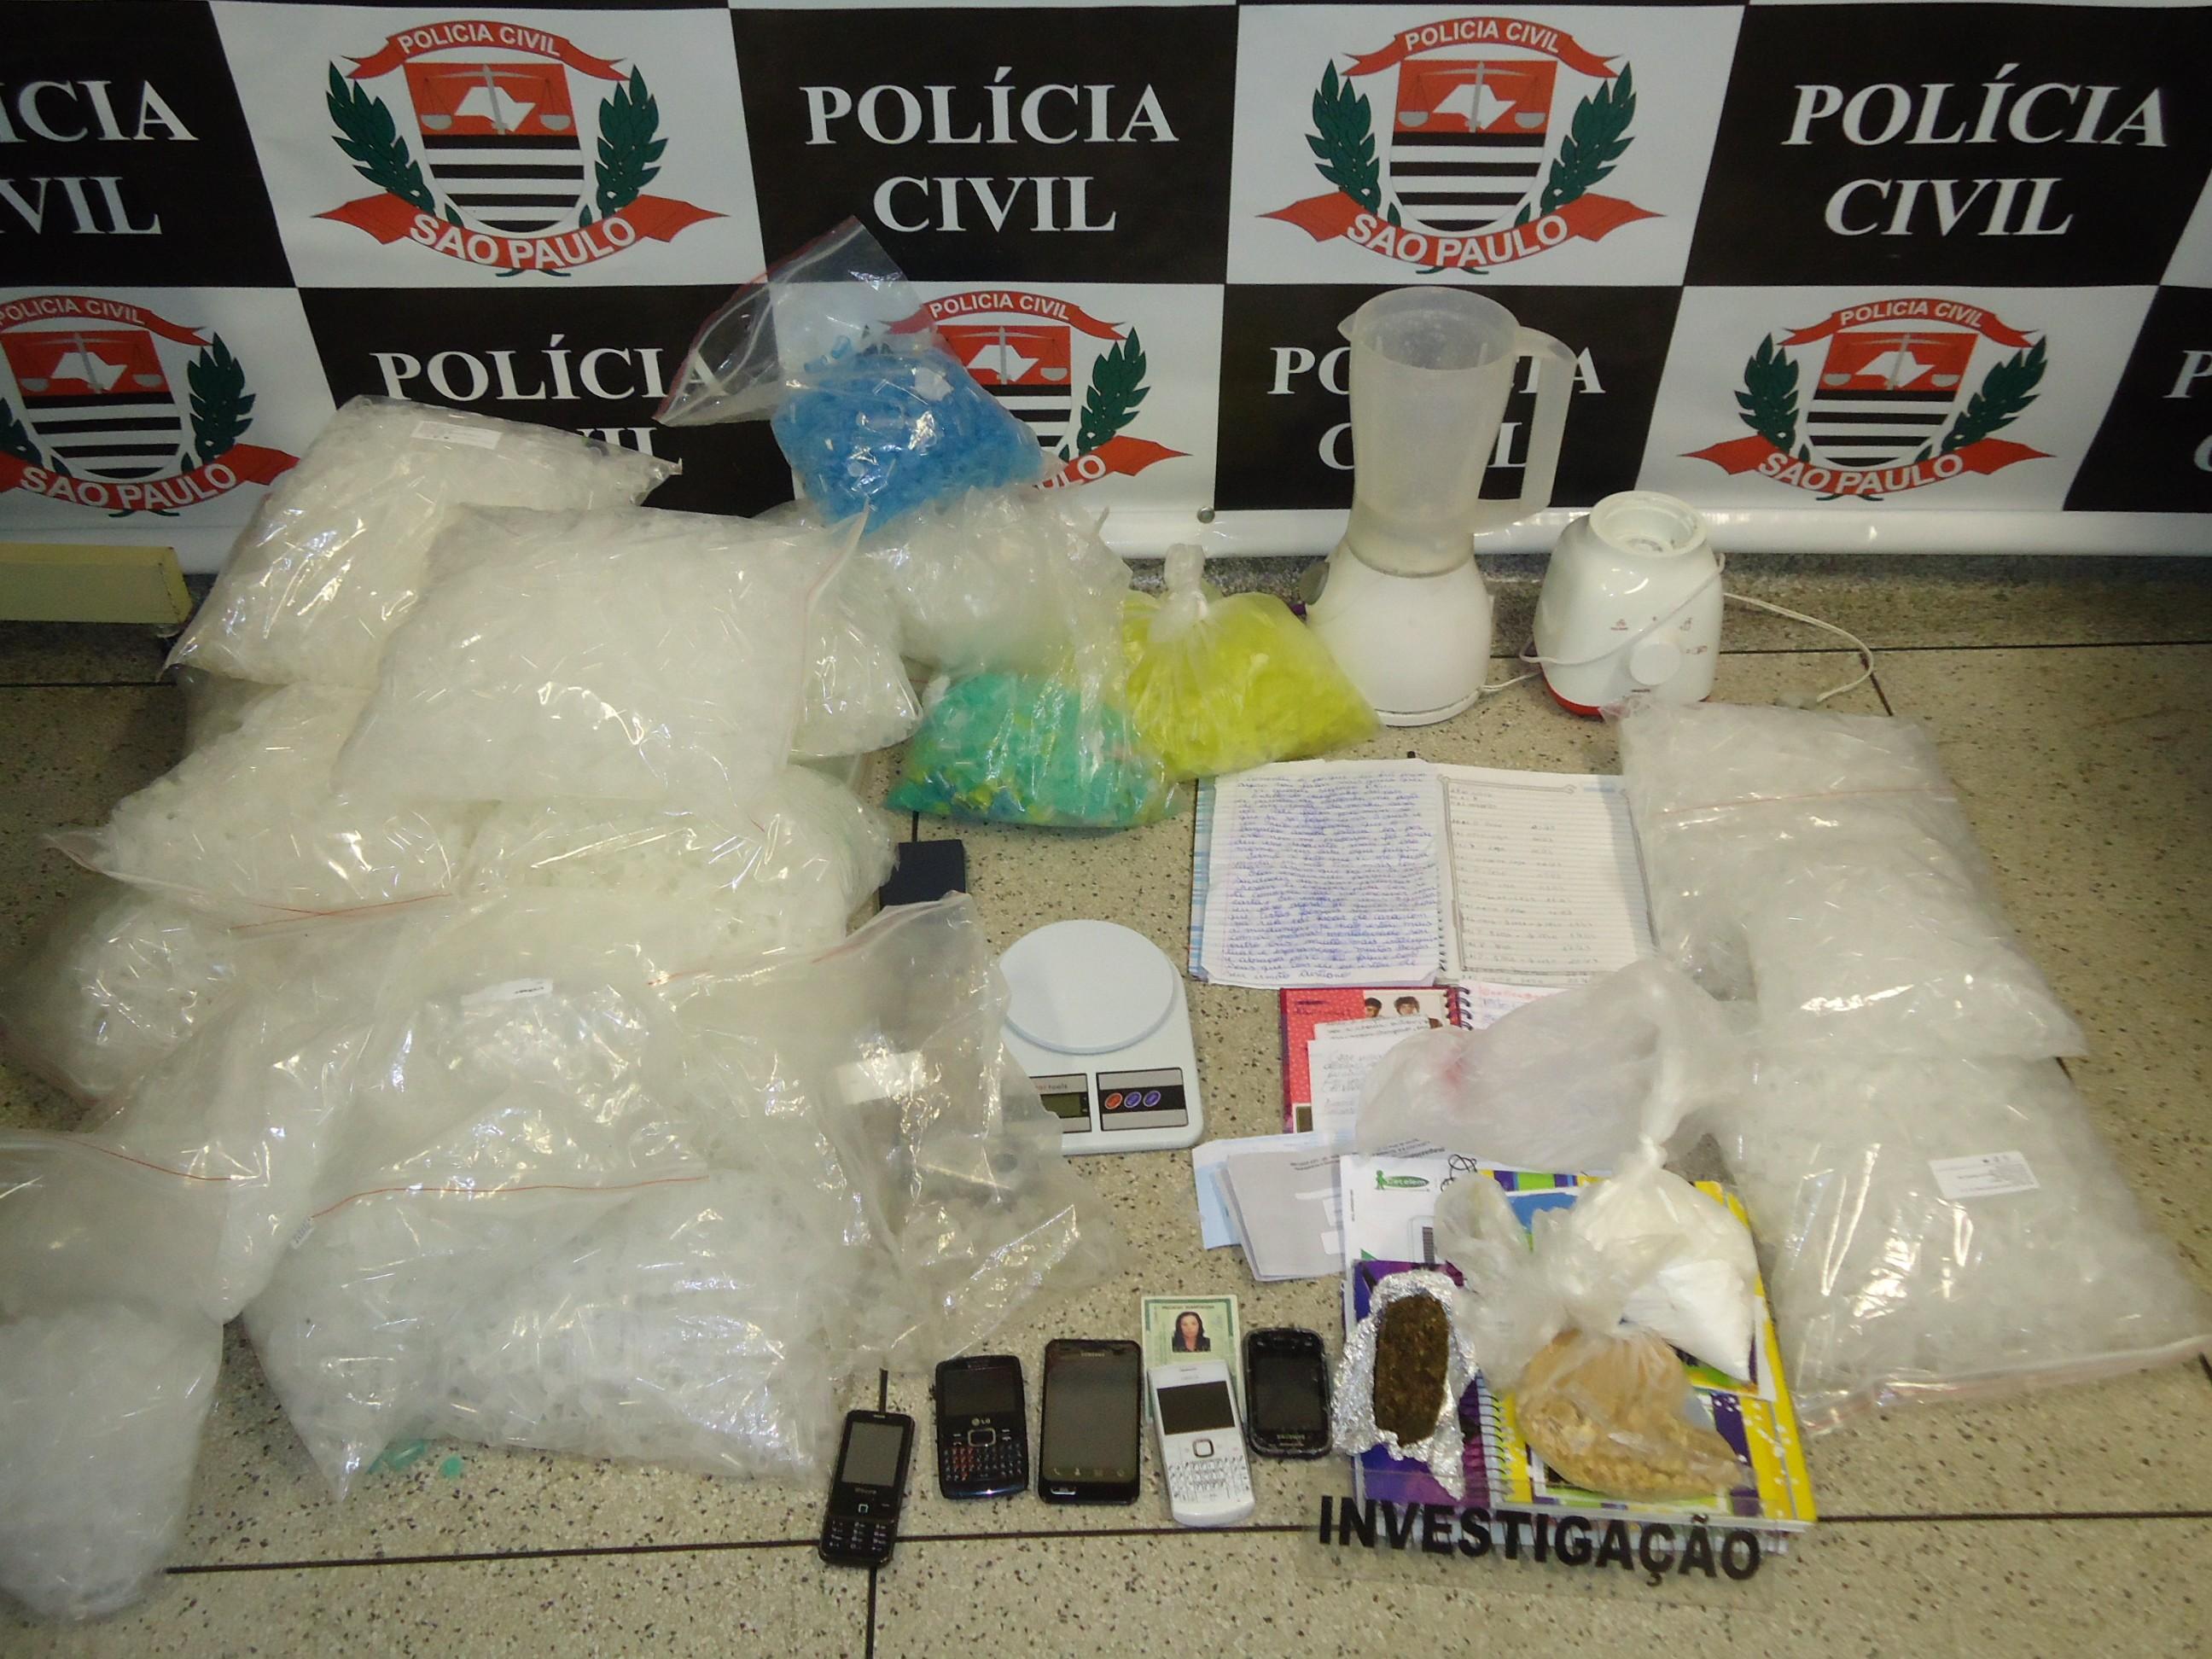 Materiais foram apreendidos na casa de um suspeito de tráfico de drogas. (Foto: Divulgação / Polícia Civil de Boituva)